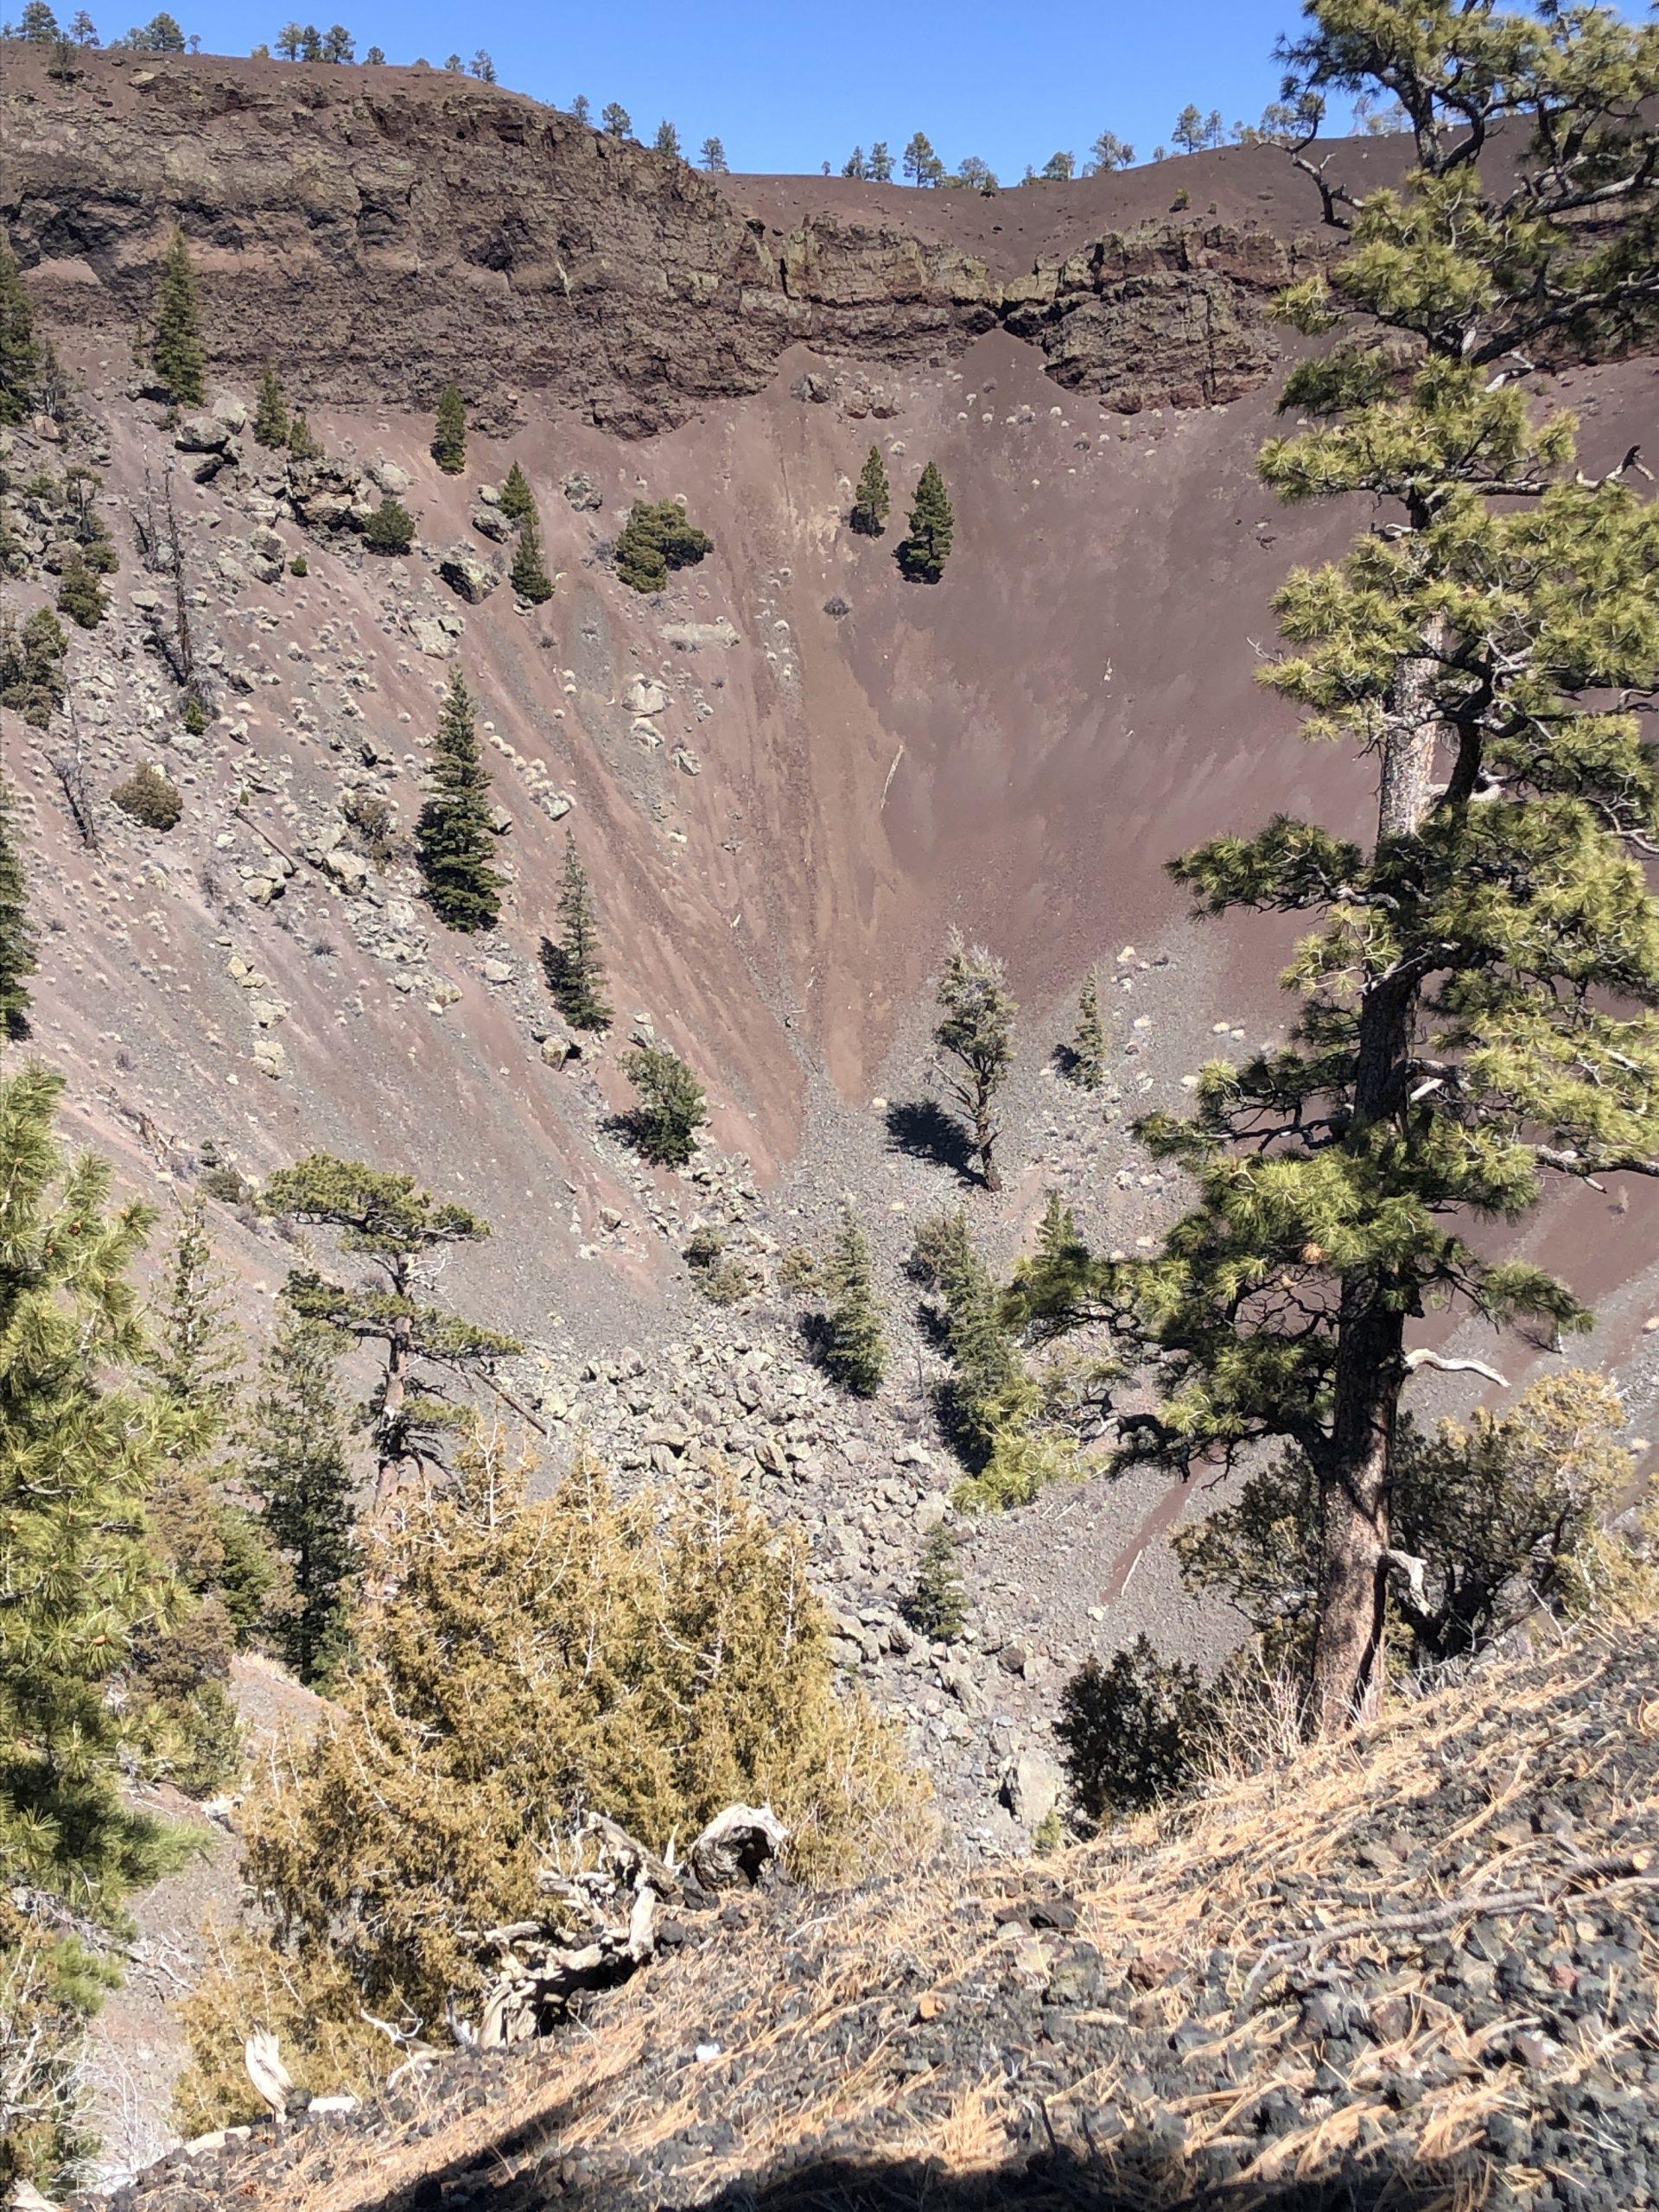 Bandera Volcano & Ice Cave, March 2020